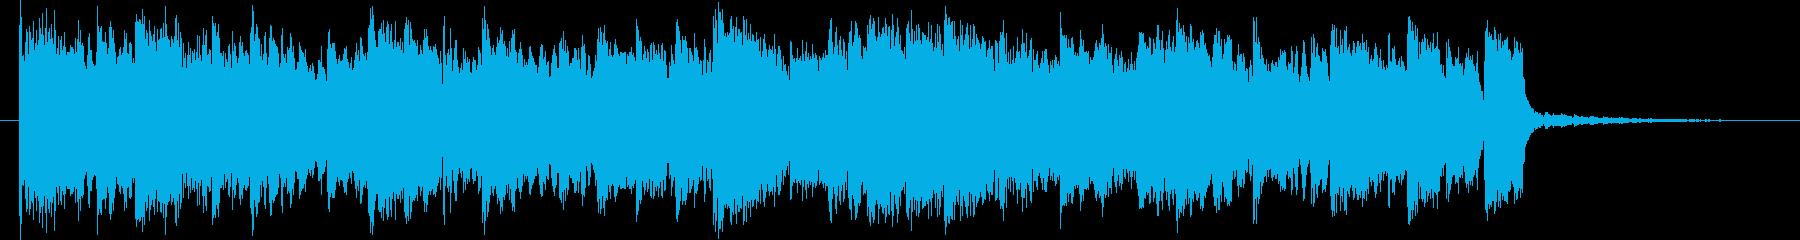 深呼吸したくなるリラックス導入BGMの再生済みの波形